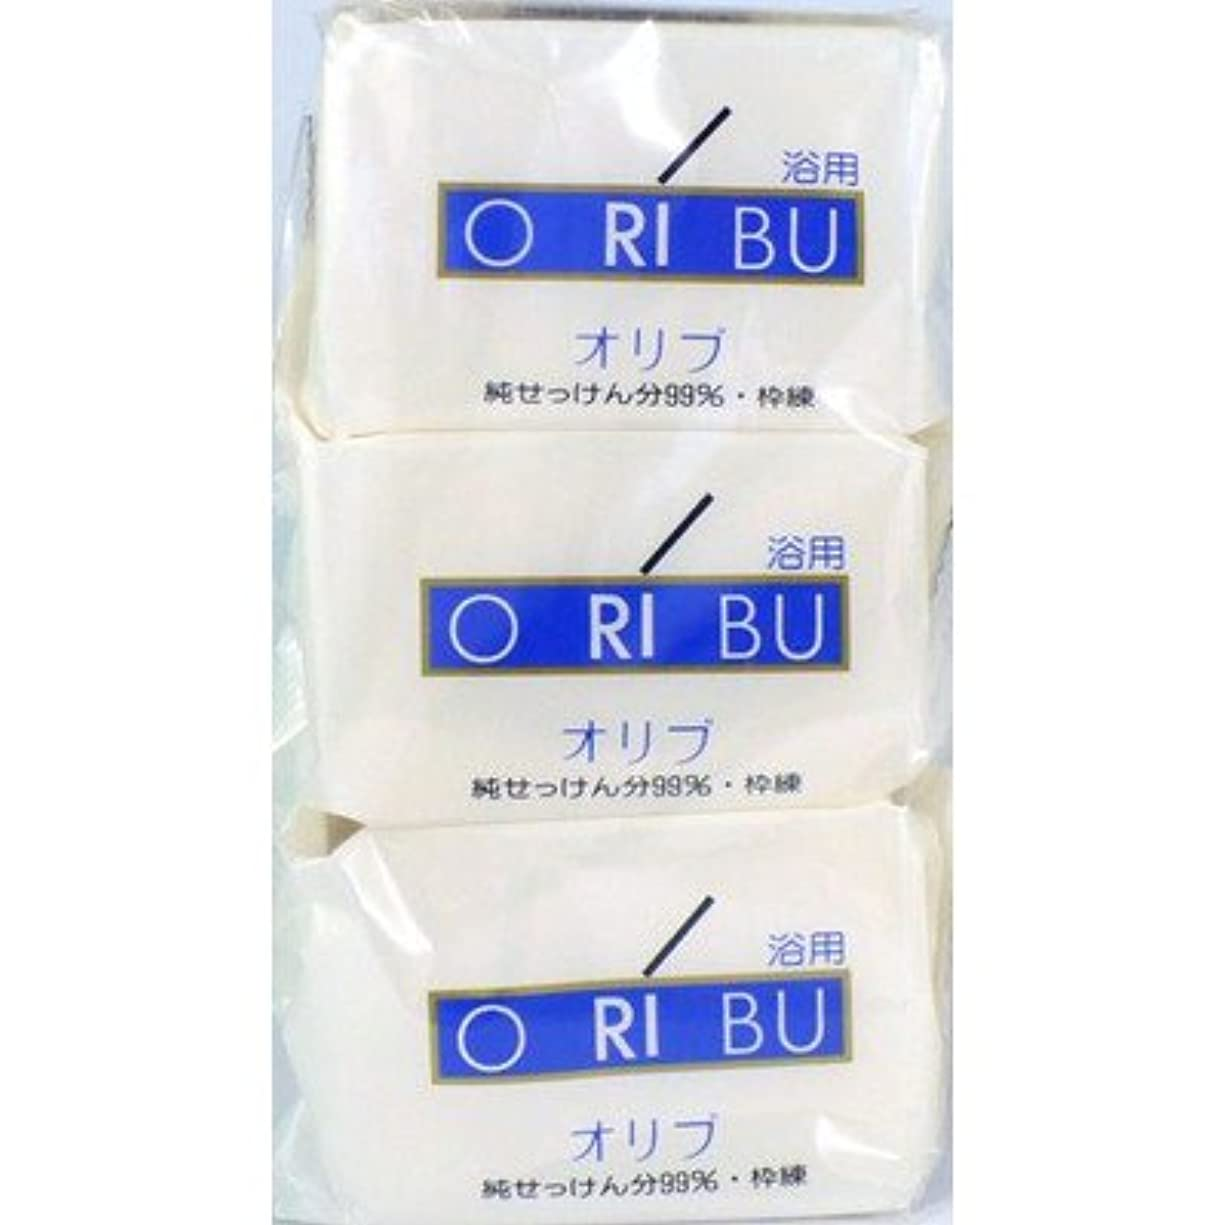 ピニオンバスルーム忌み嫌う暁石鹸 ORIBU オリブ 浴用石鹸 110g 3個入り